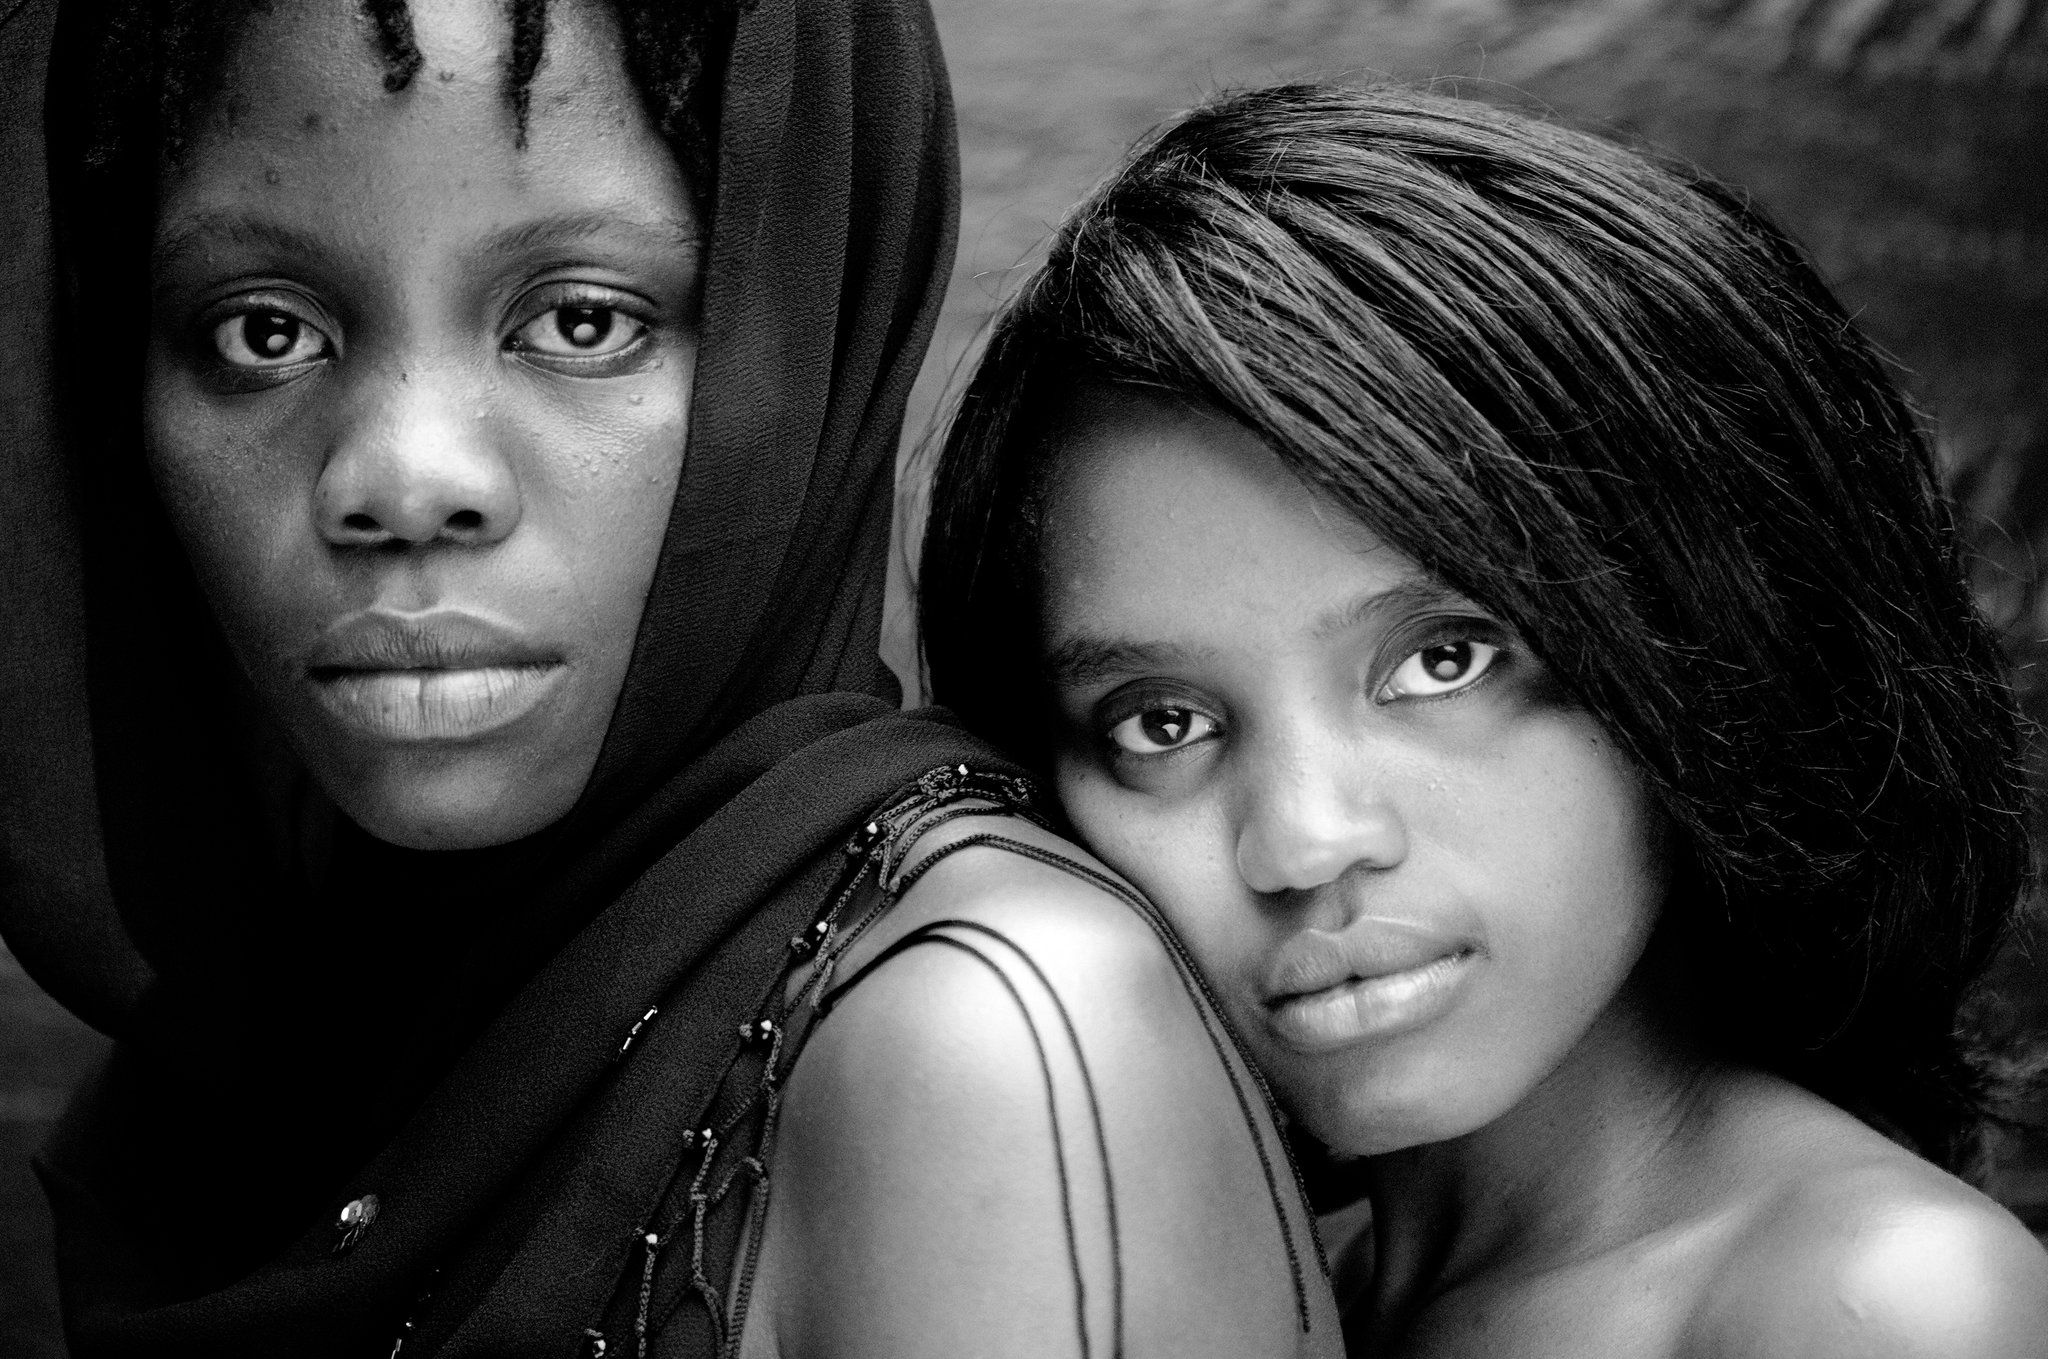 Lesbian black girl with white girl